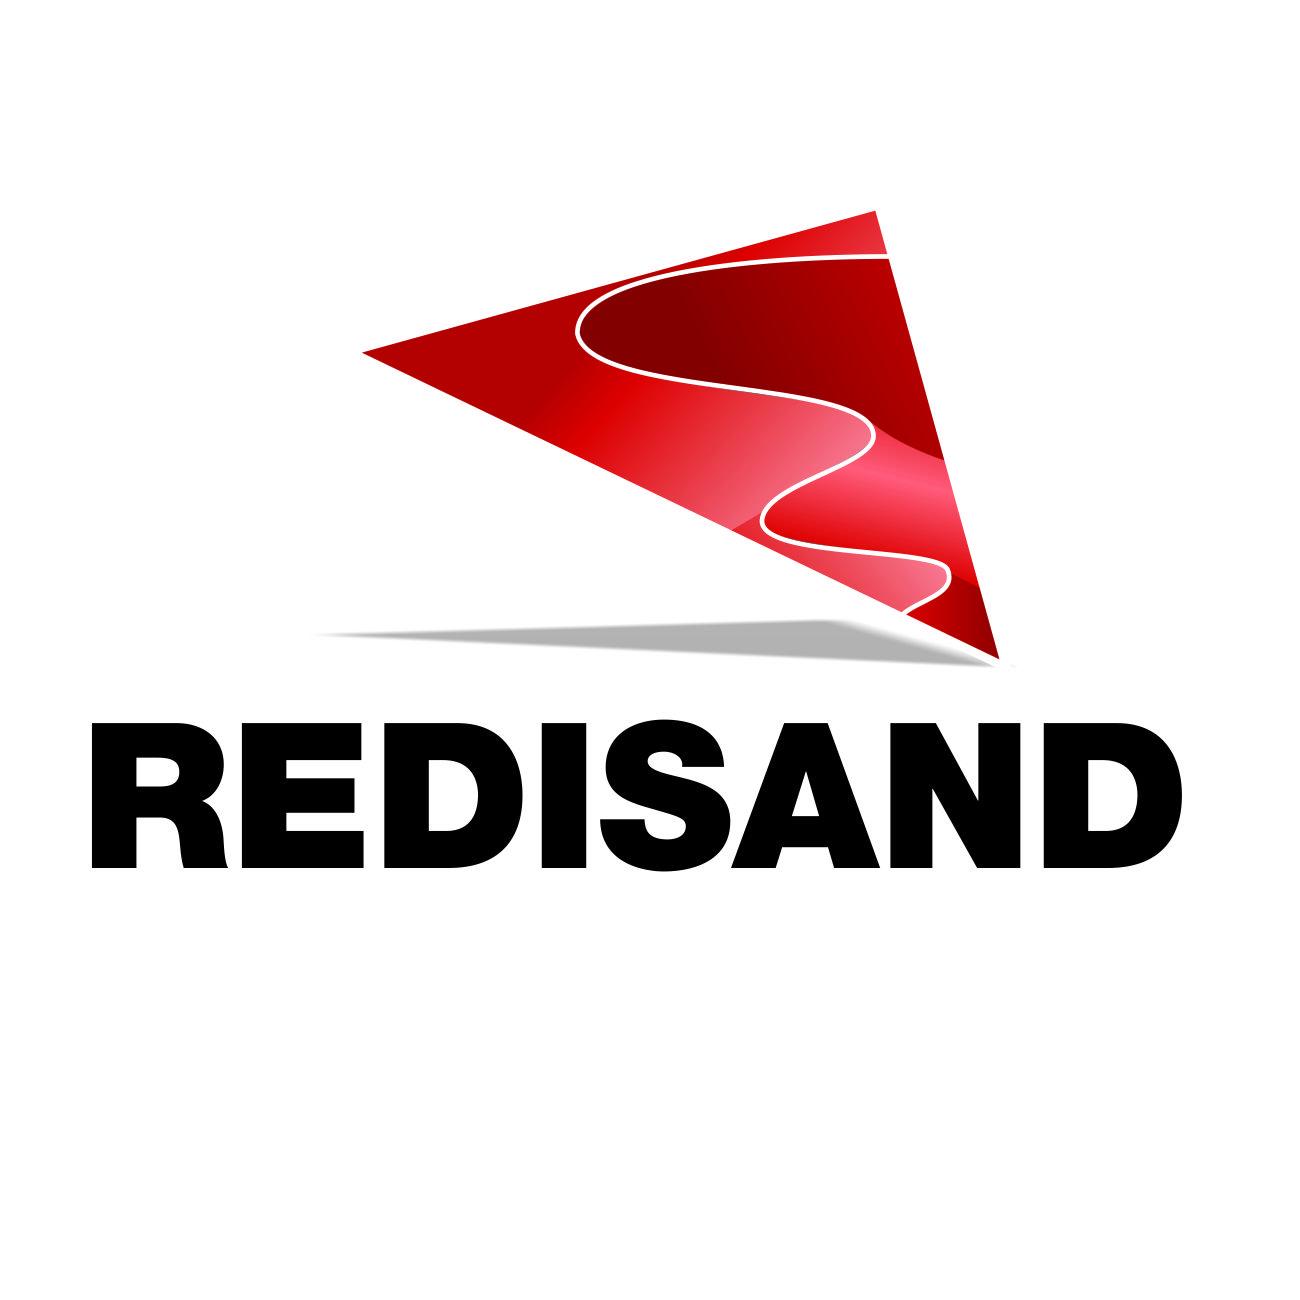 New Redisand logo